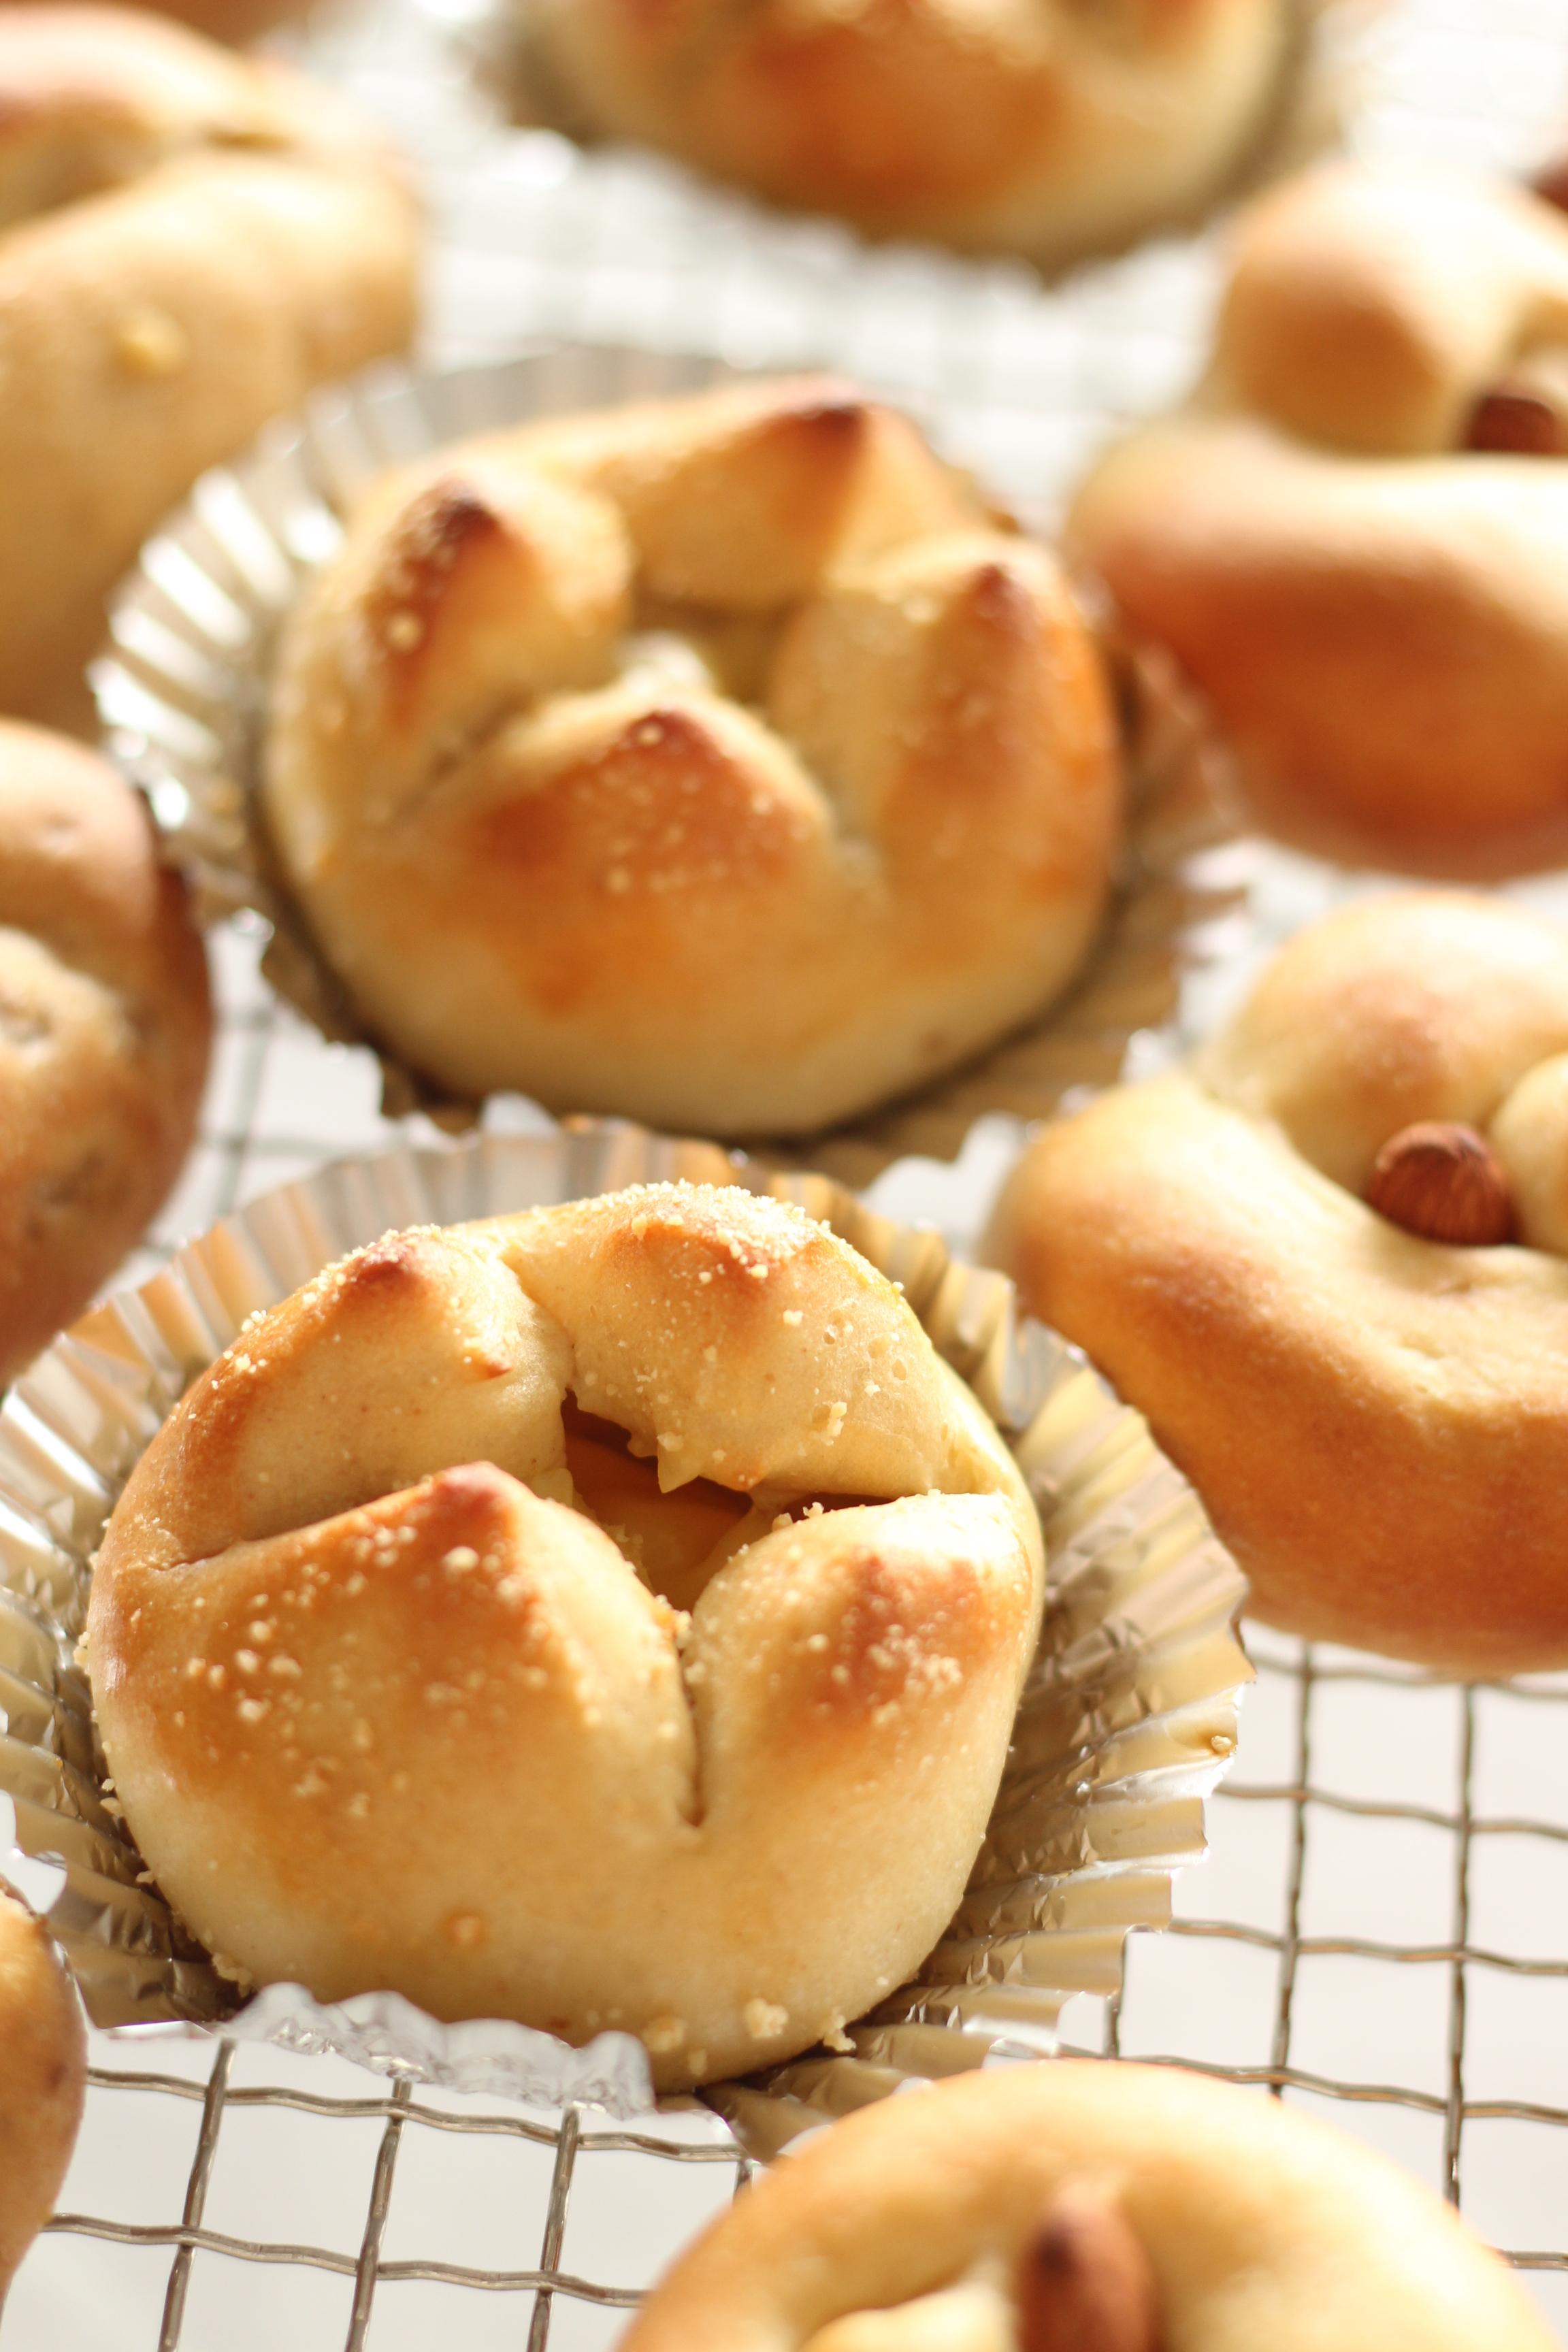 京都江部粉糖質制限パンプチパン&チーズパン